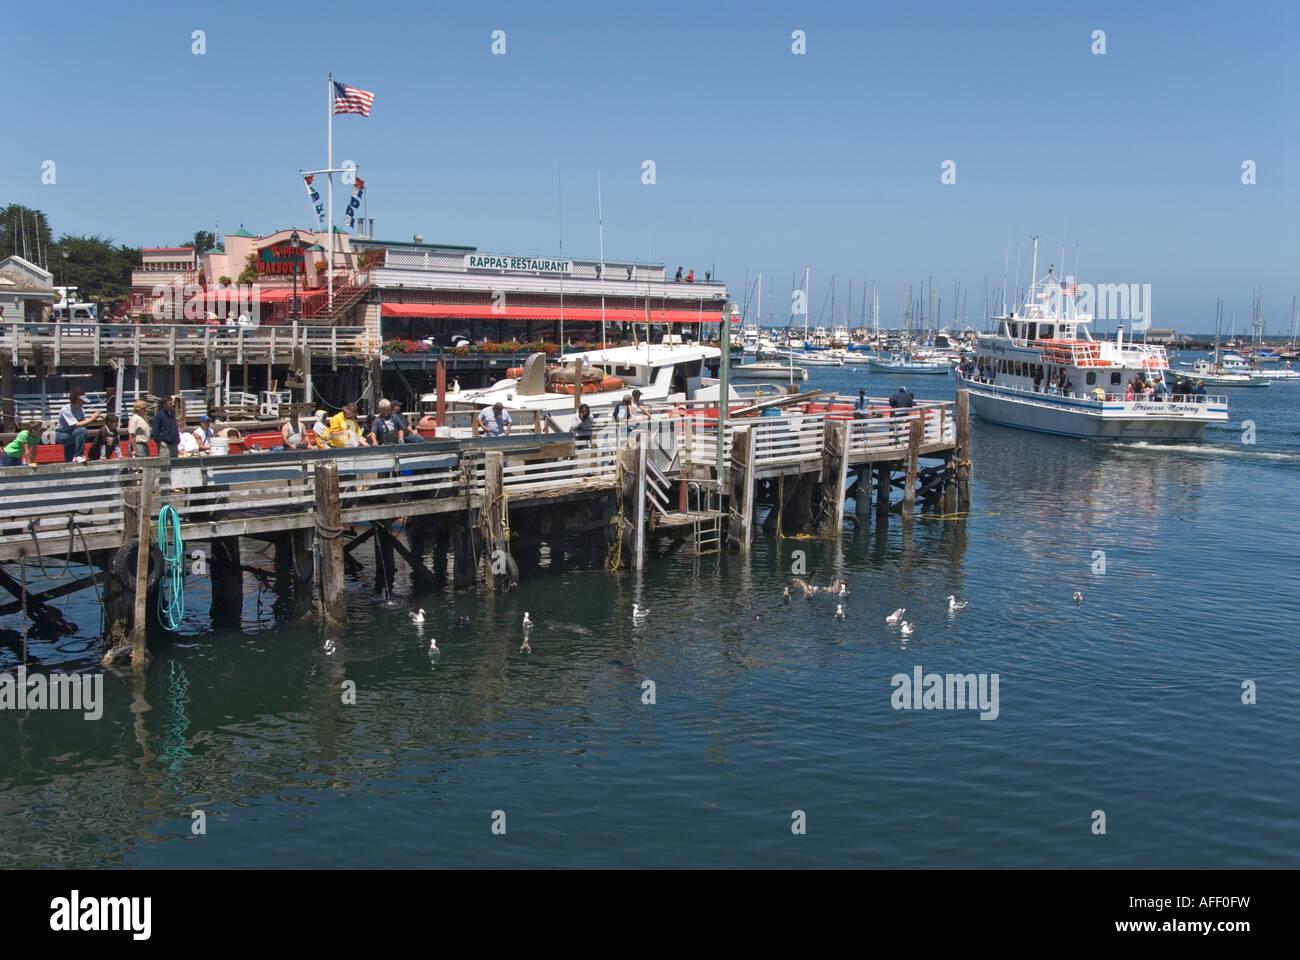 California Monterey Fisherman's Wharf whale watching boat - Stock Image